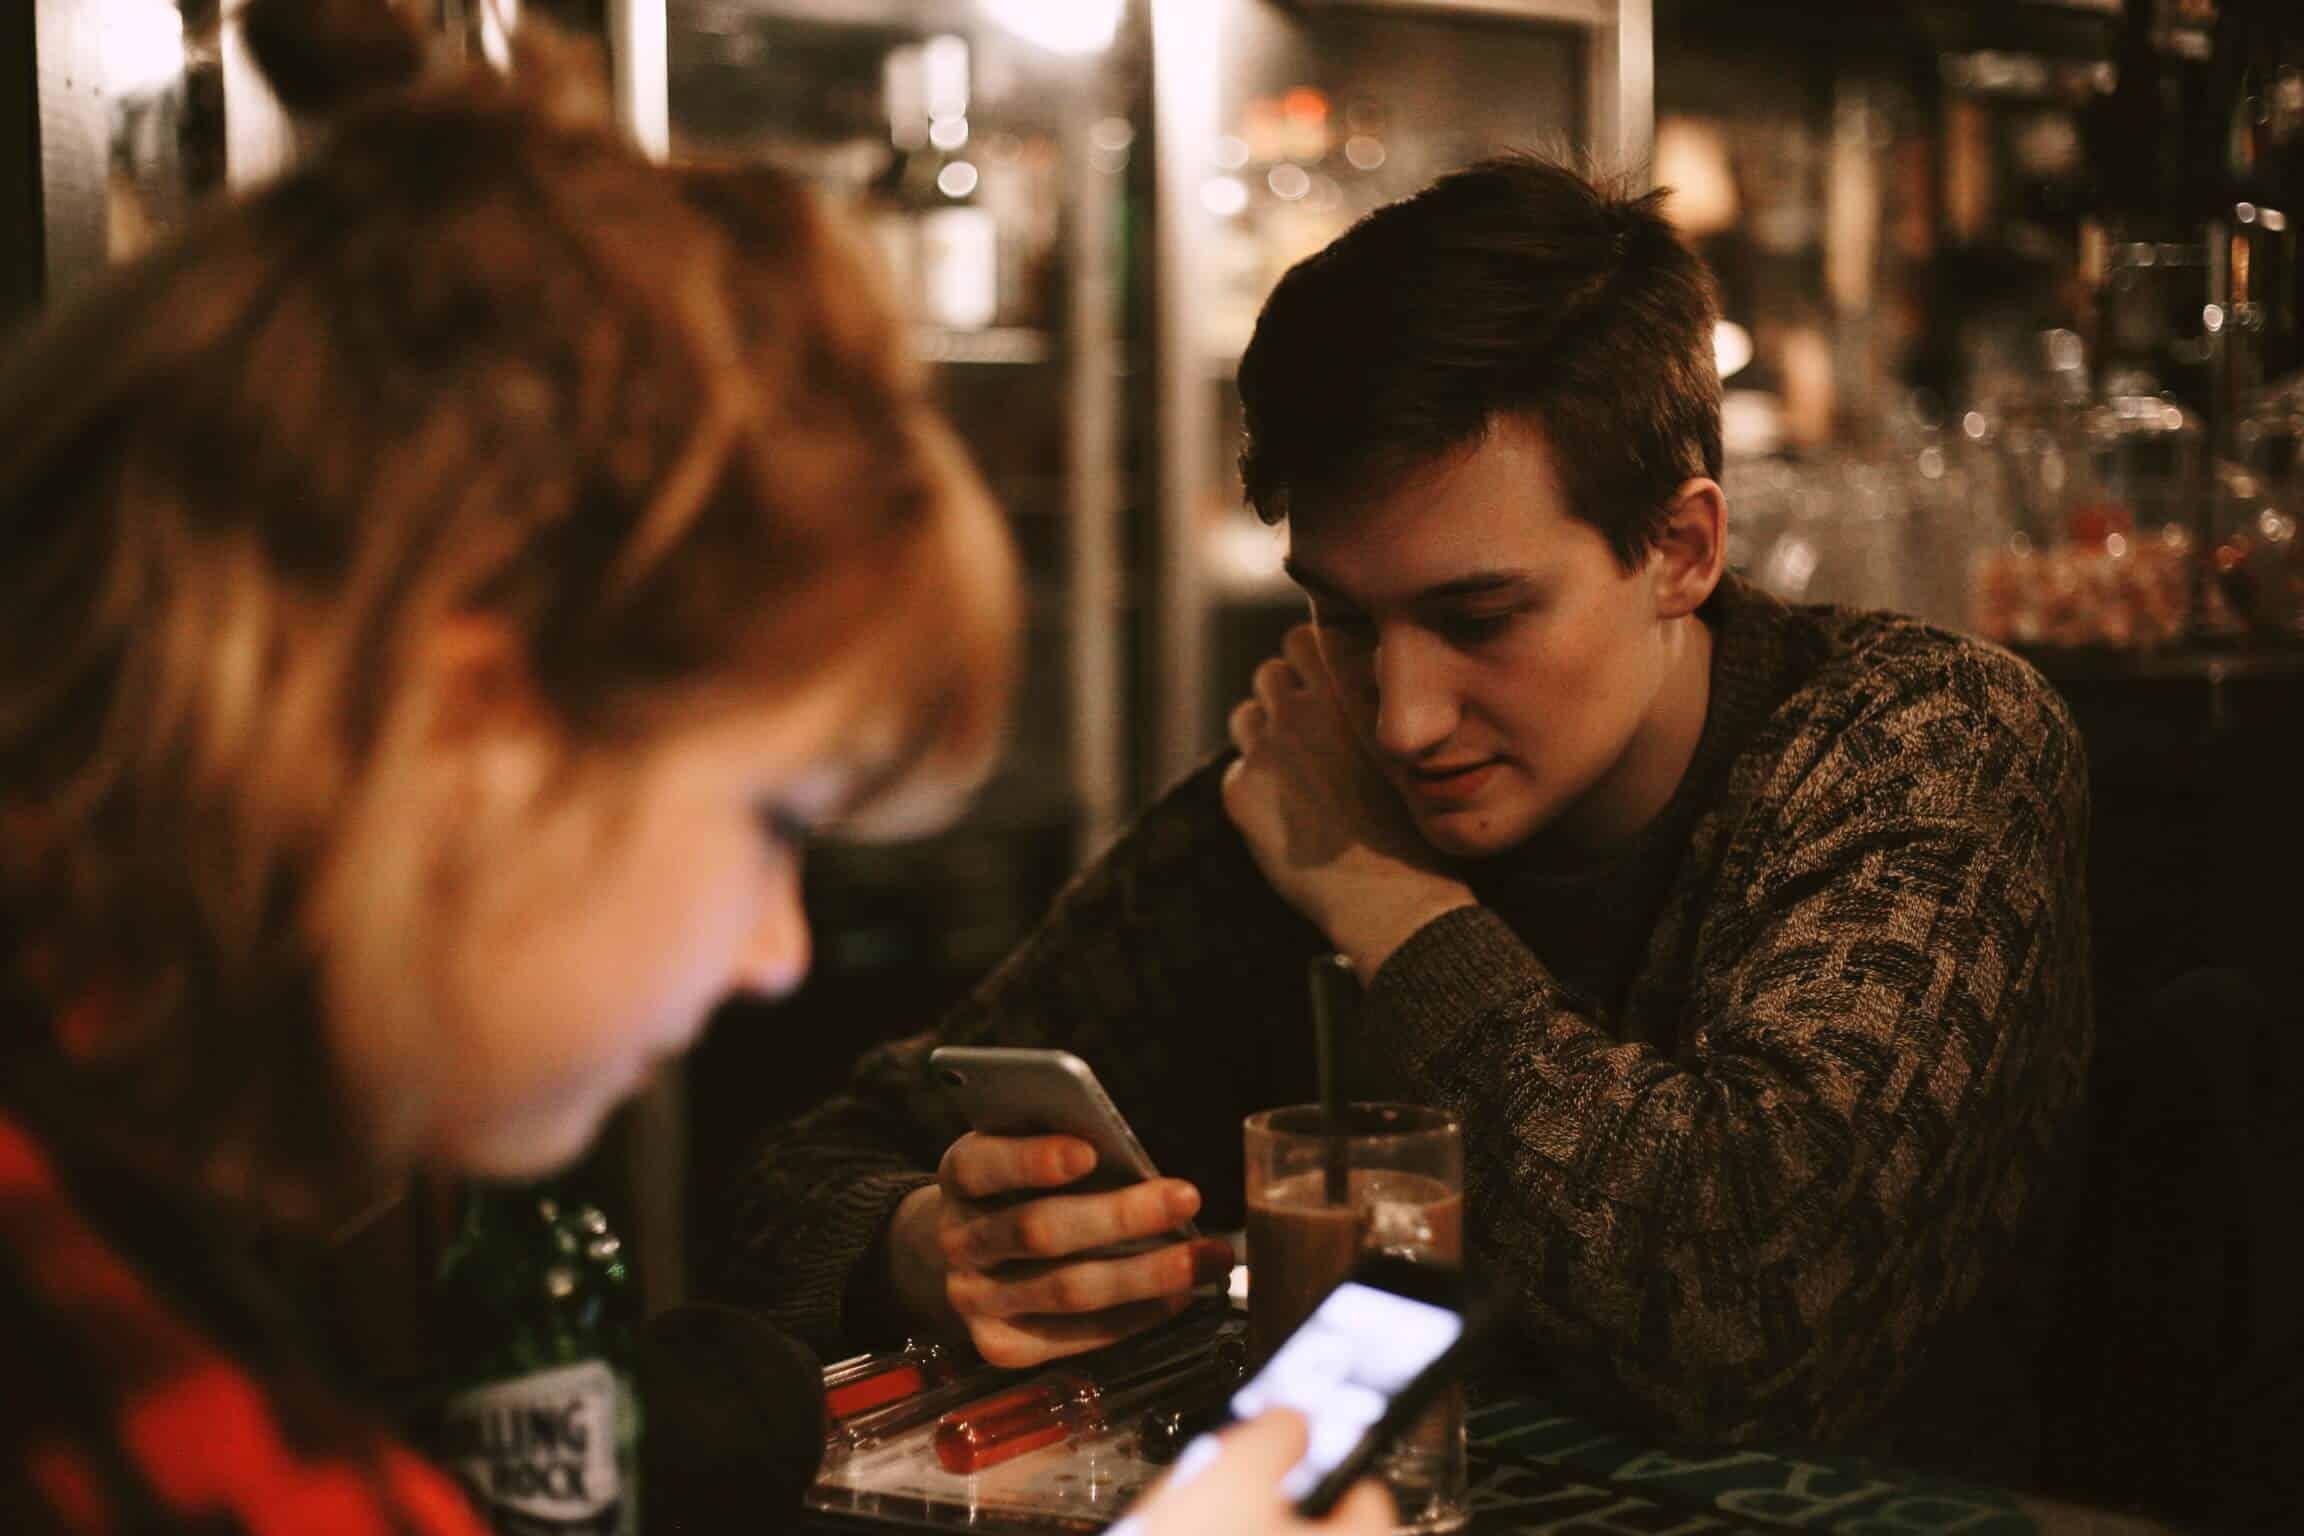 Millennials and Technology Use millennials Millennials and Misconceptions millennials on technology